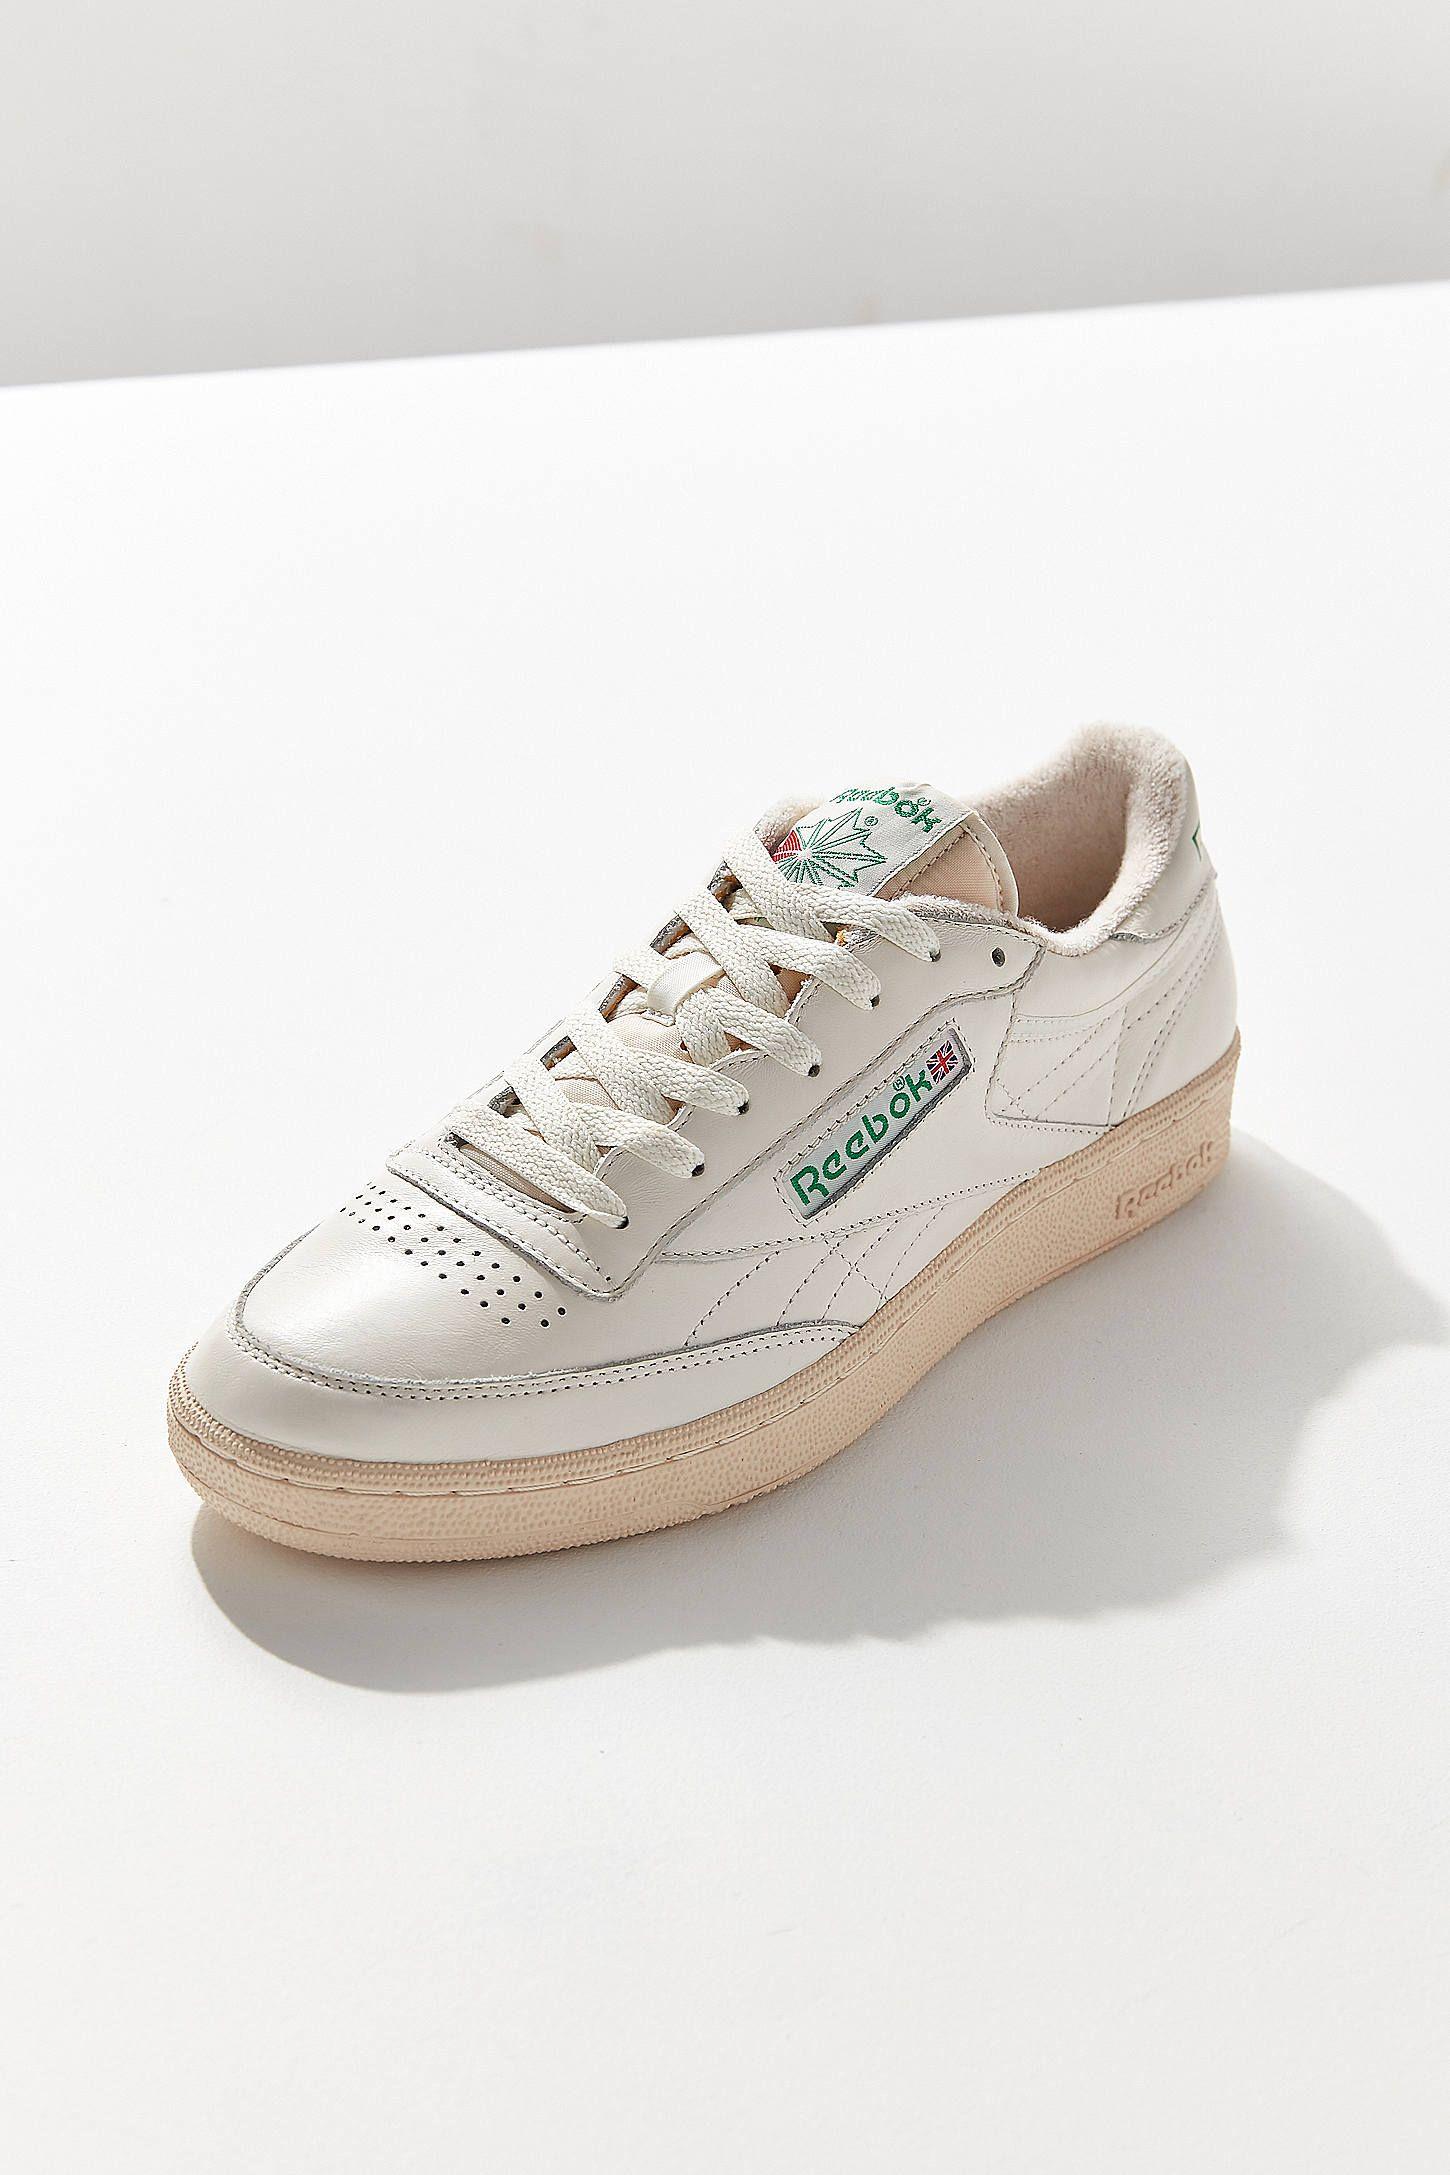 Reebok Club C Vintage Sneaker | Vintage sneakers, Reebok